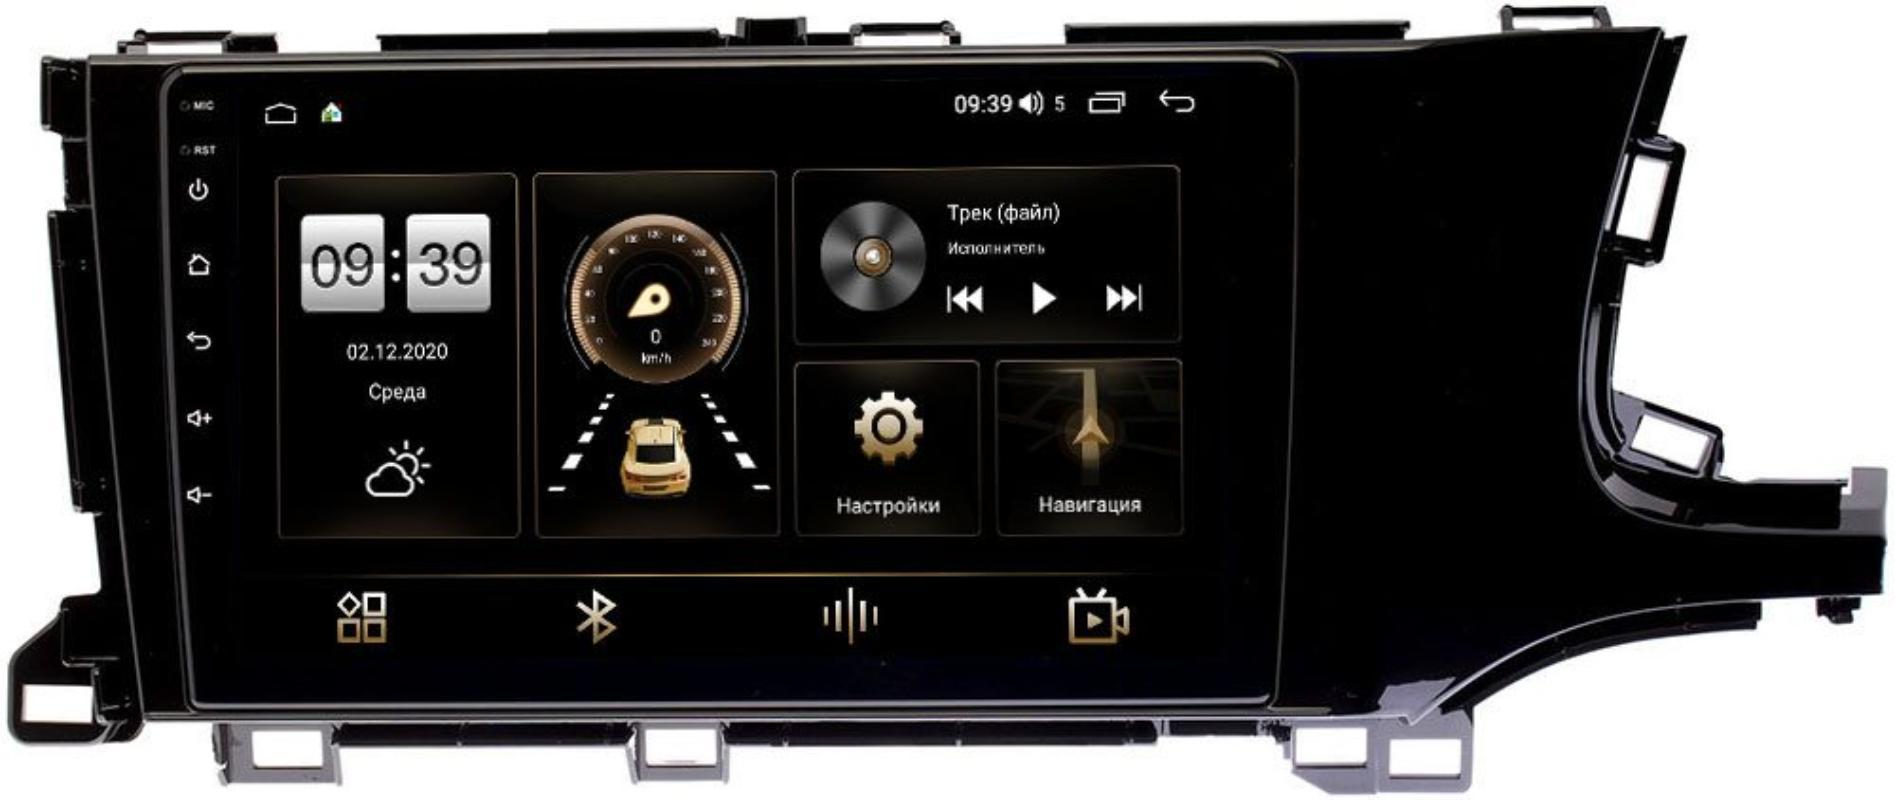 Штатная магнитола LeTrun 4196-9232 для Honda Shuttle II 2015-2021 на Android 10 (6/128, DSP, QLed) С оптическим выходом (+ Камера заднего вида в подарок!)